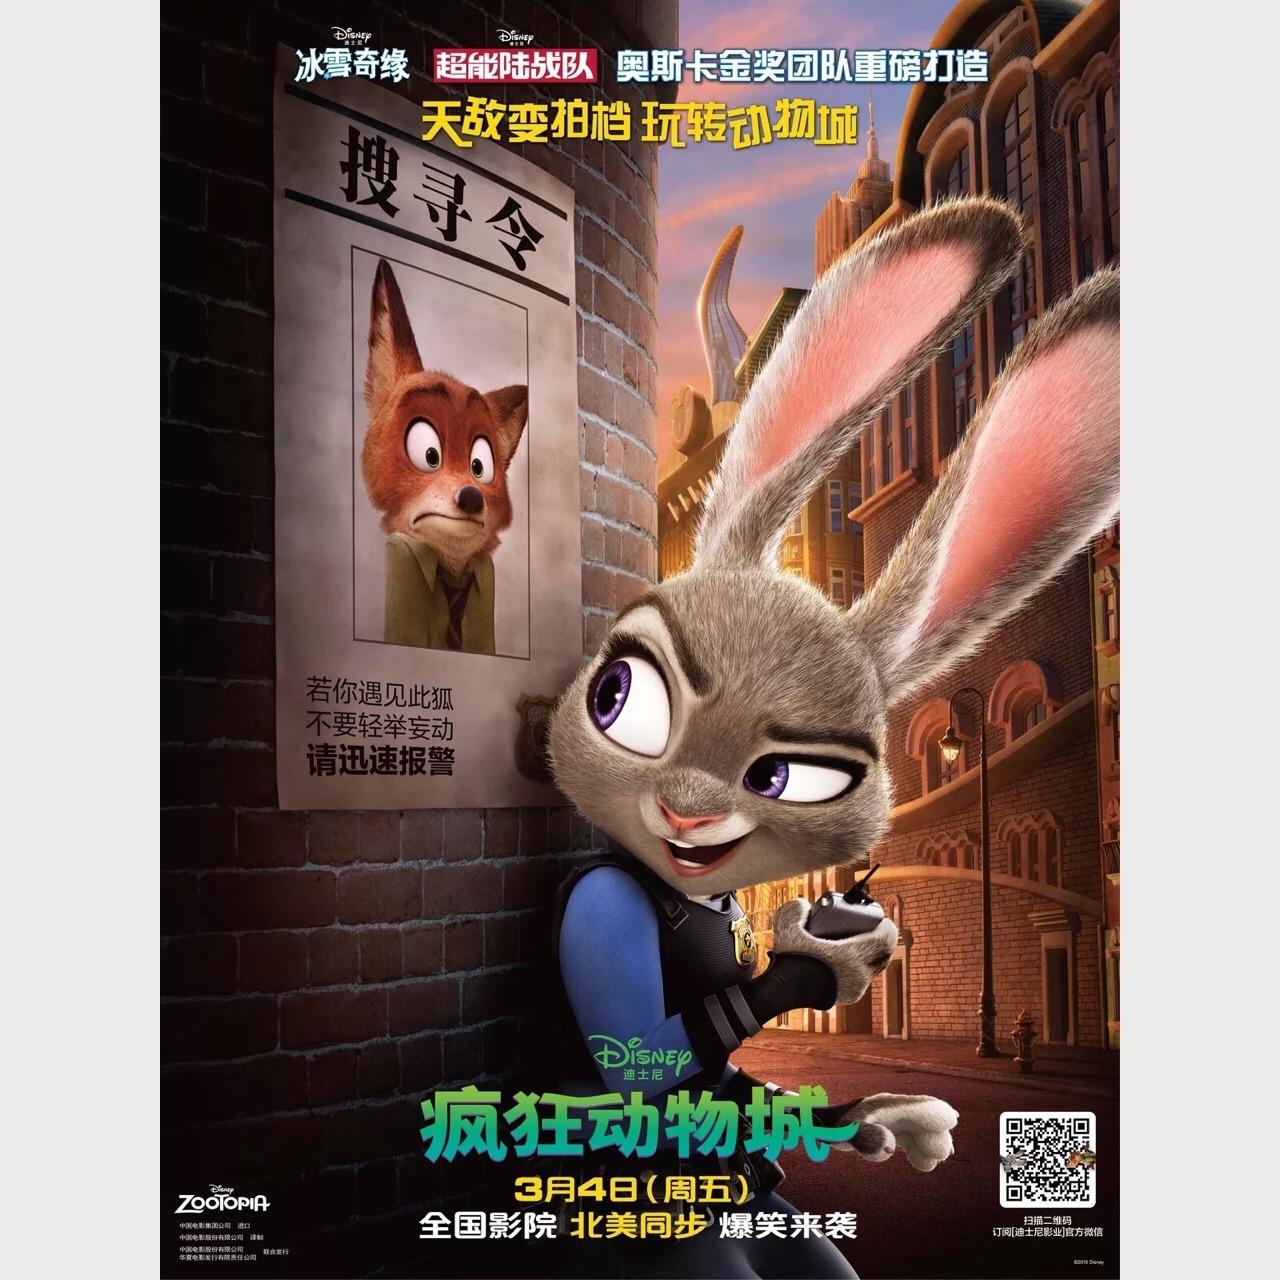 疯狂动物城 #超级推荐# 去电影院看了三遍的好电影,三遍都是中文配音。这样的动画电影下线以后就很难找到中文配音或者港台配音的版本了。这回的中文版是季冠霖+张震的组合,比较完美。近年来很多动画片喜欢找当红明星配音,也是一个不错的选择。《神偷奶爸2》的邓超+森碟、《功夫熊猫3》的黄磊+杨幂,《疯狂原始人》的梁家辉+范晓萱+黄晓明,《怪物大学》的何炅+徐峥,还有早几年《料理鼠王》谢娜+何炅(港台版是王心凌+张栋梁),《海底总动员》的张国立+徐帆,都非常非常精彩! 言归正传,大爱这部电影的立意和象征性,剧情对于